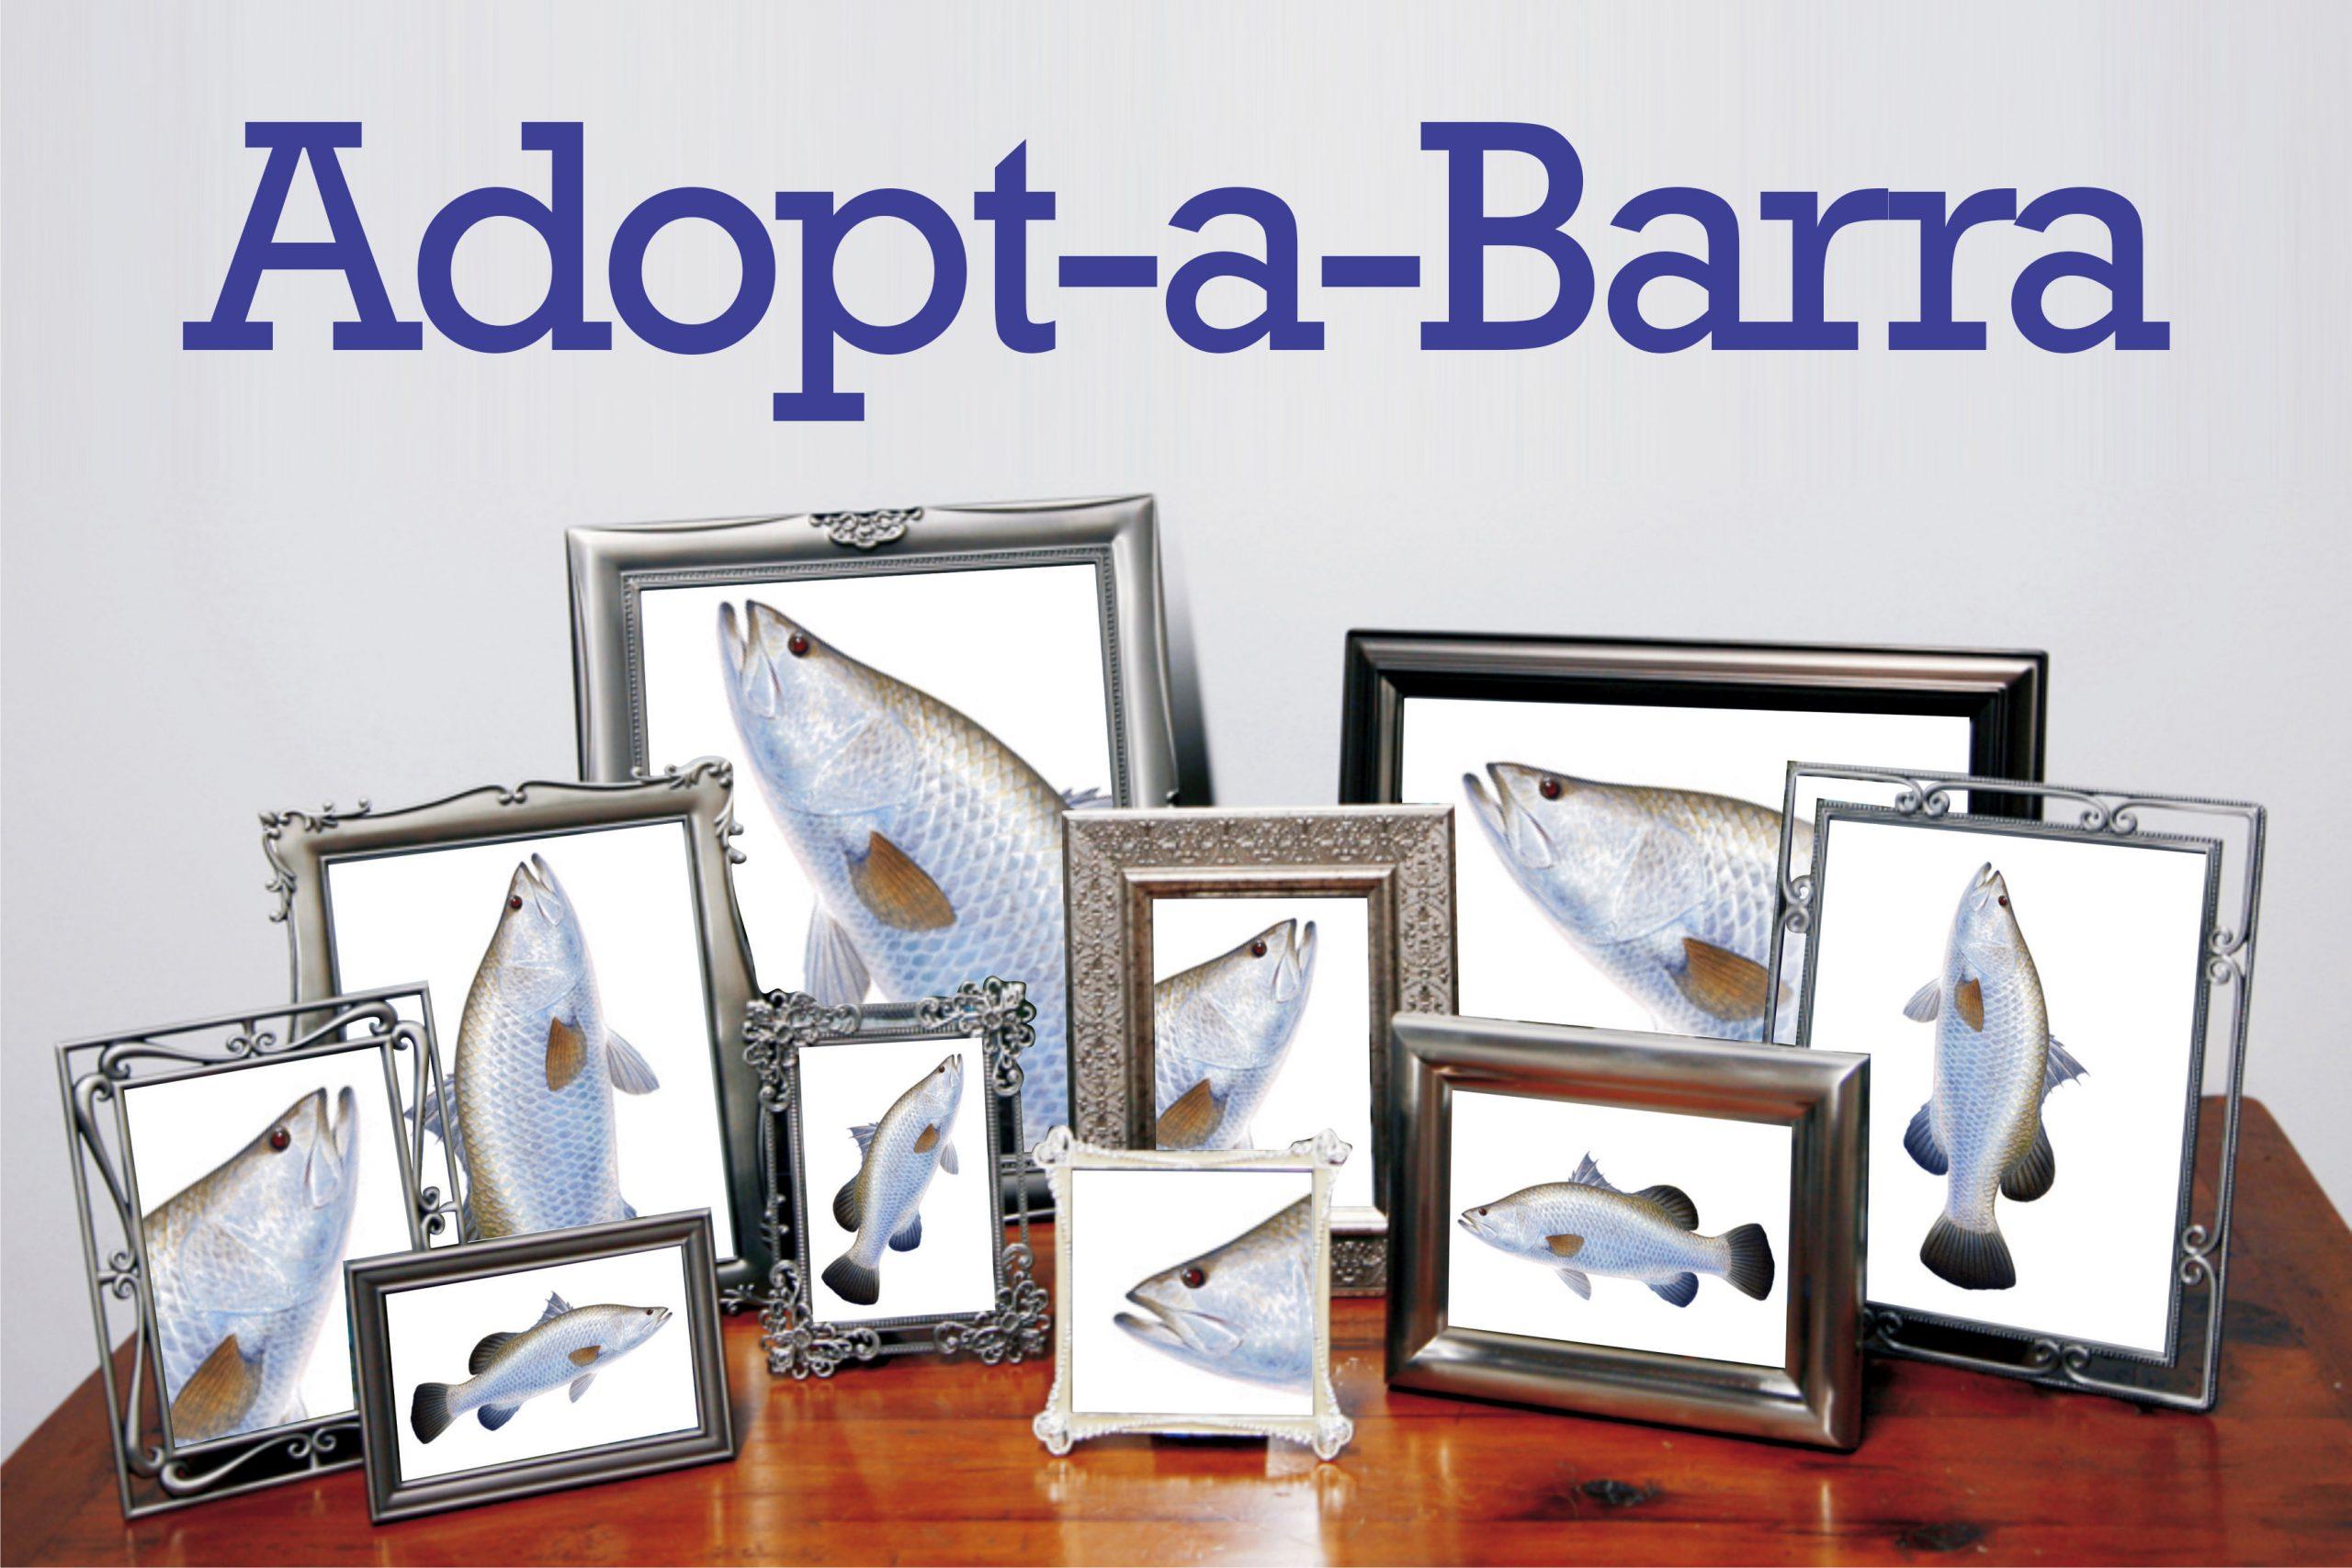 PLHS Adopt-a-Barra program